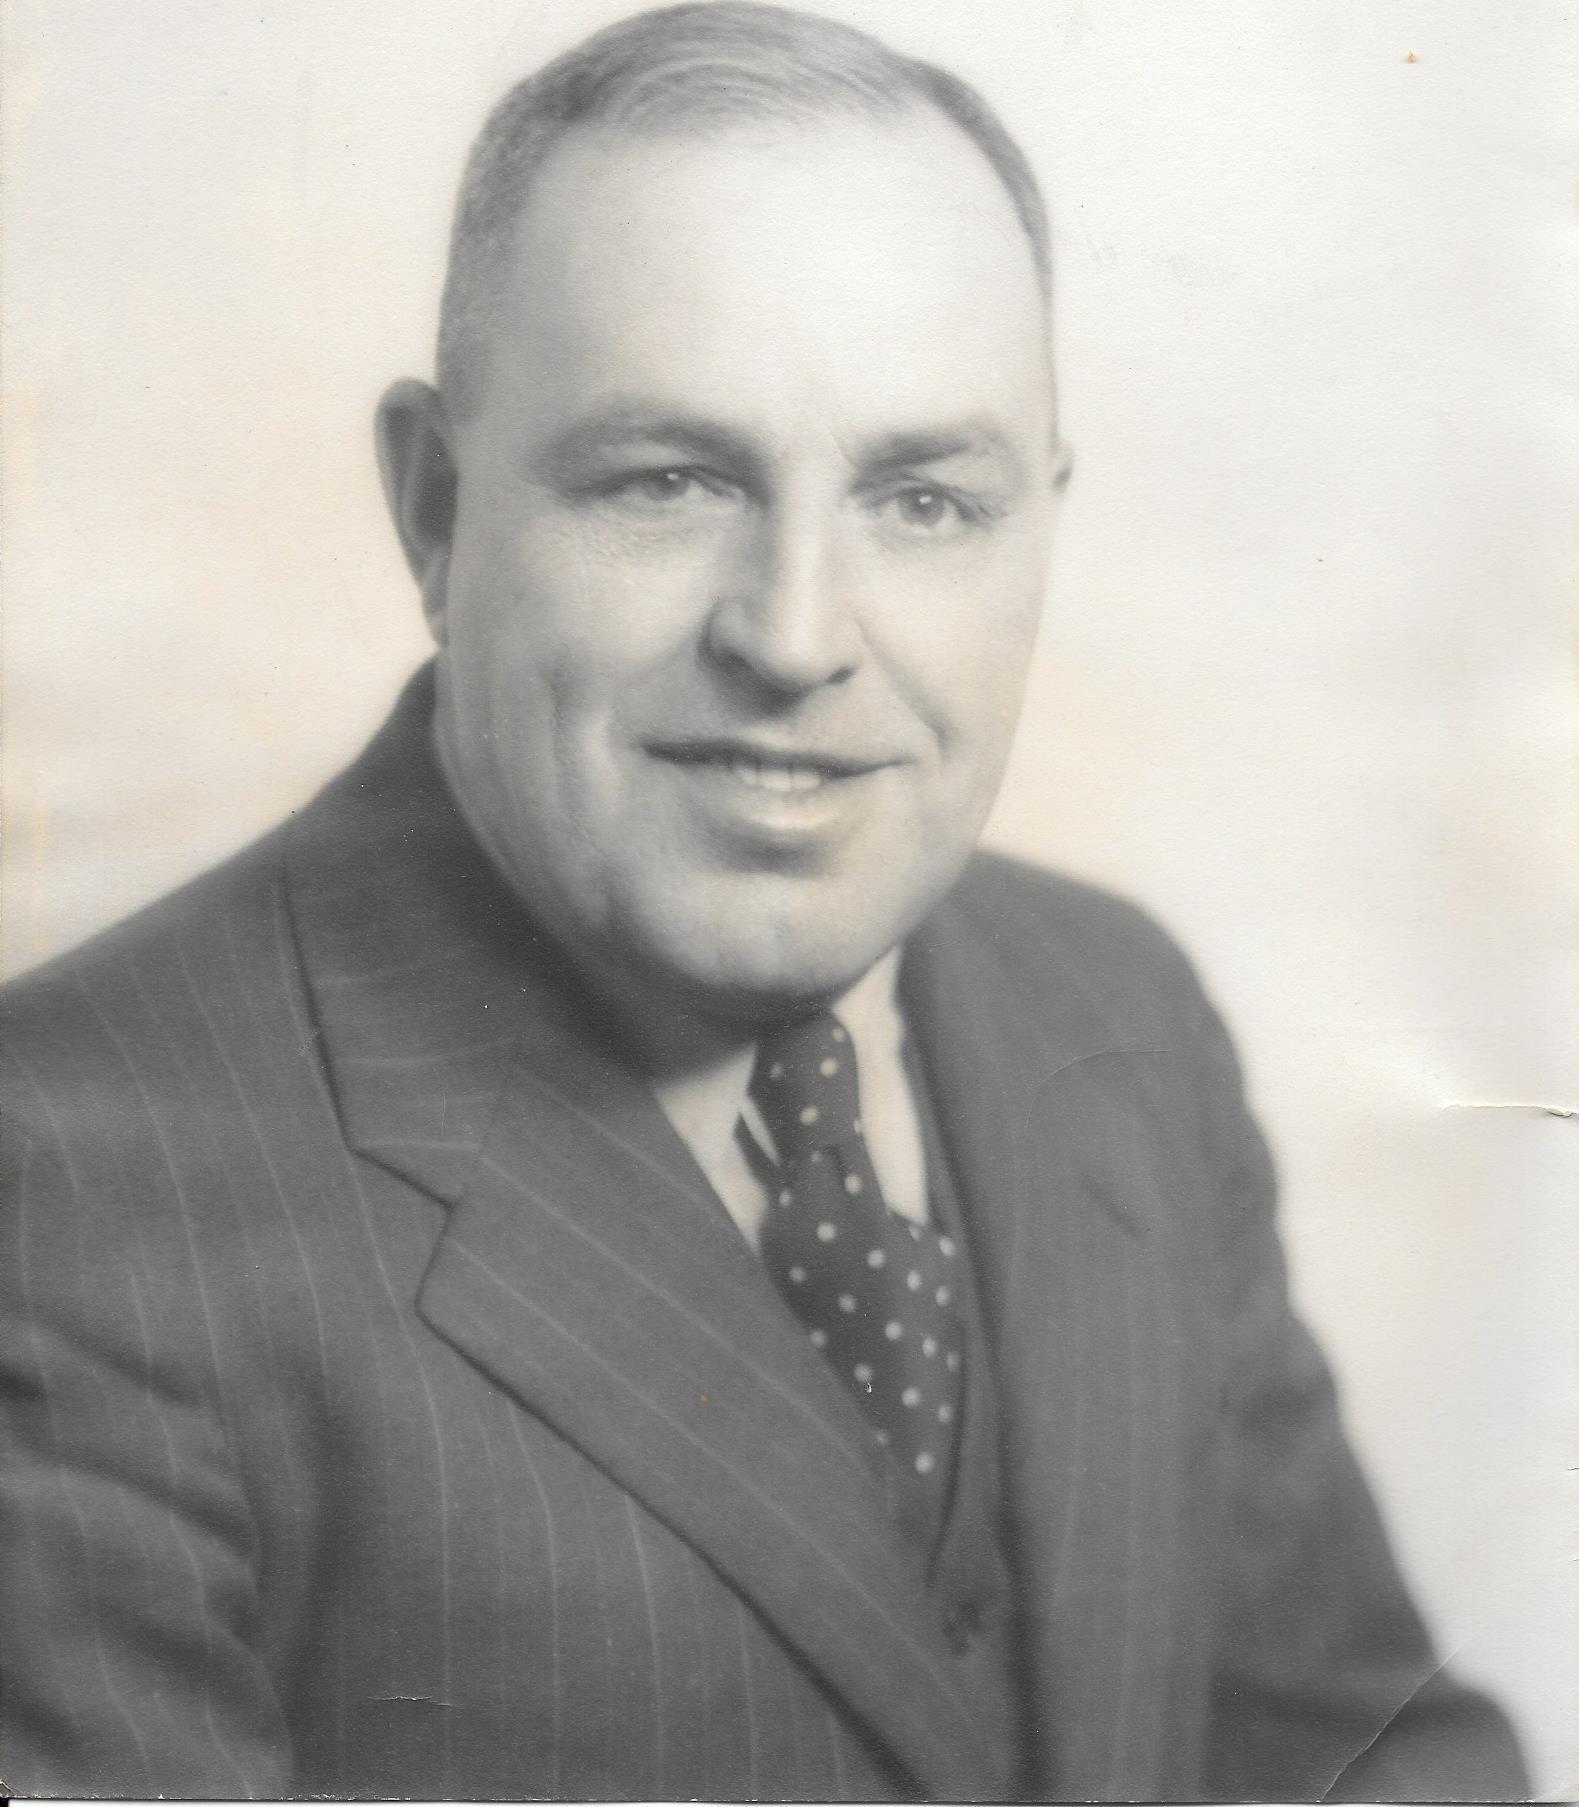 Herbert R Lash